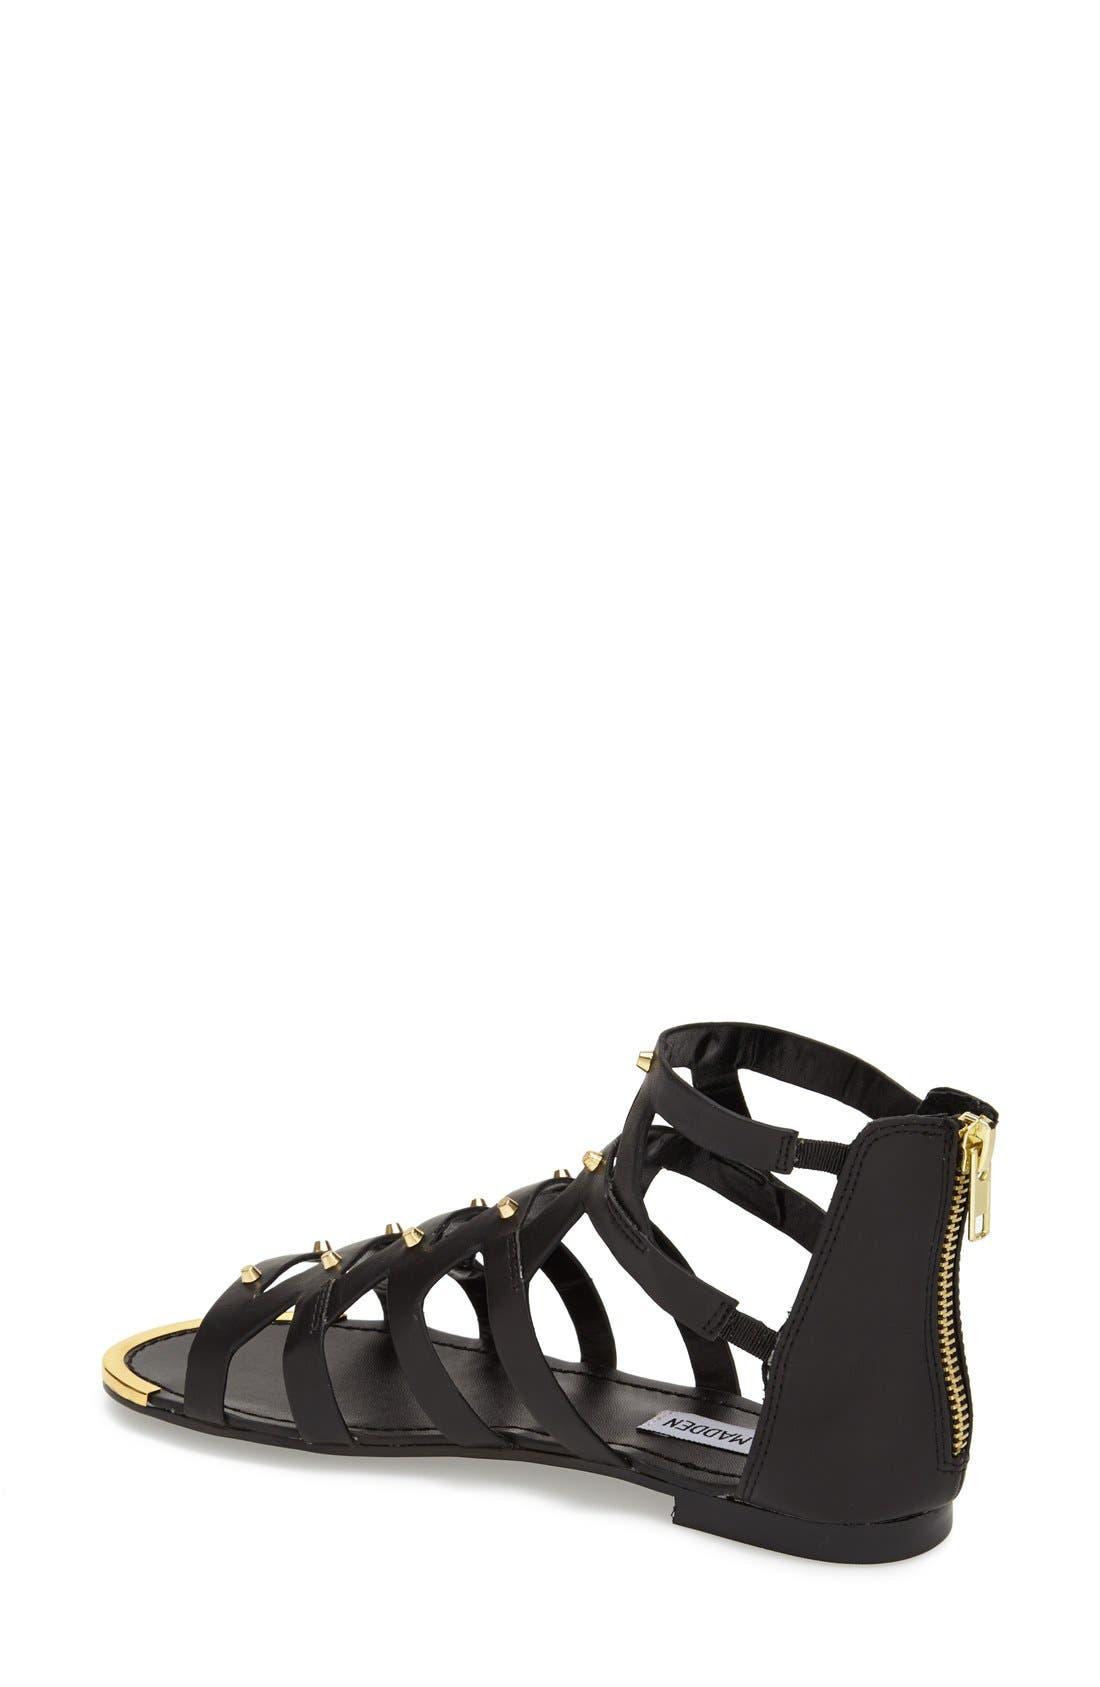 Alternate Image 2  - Steve Madden 'Claudiaa' Studded Gladiator Sandal (Women)